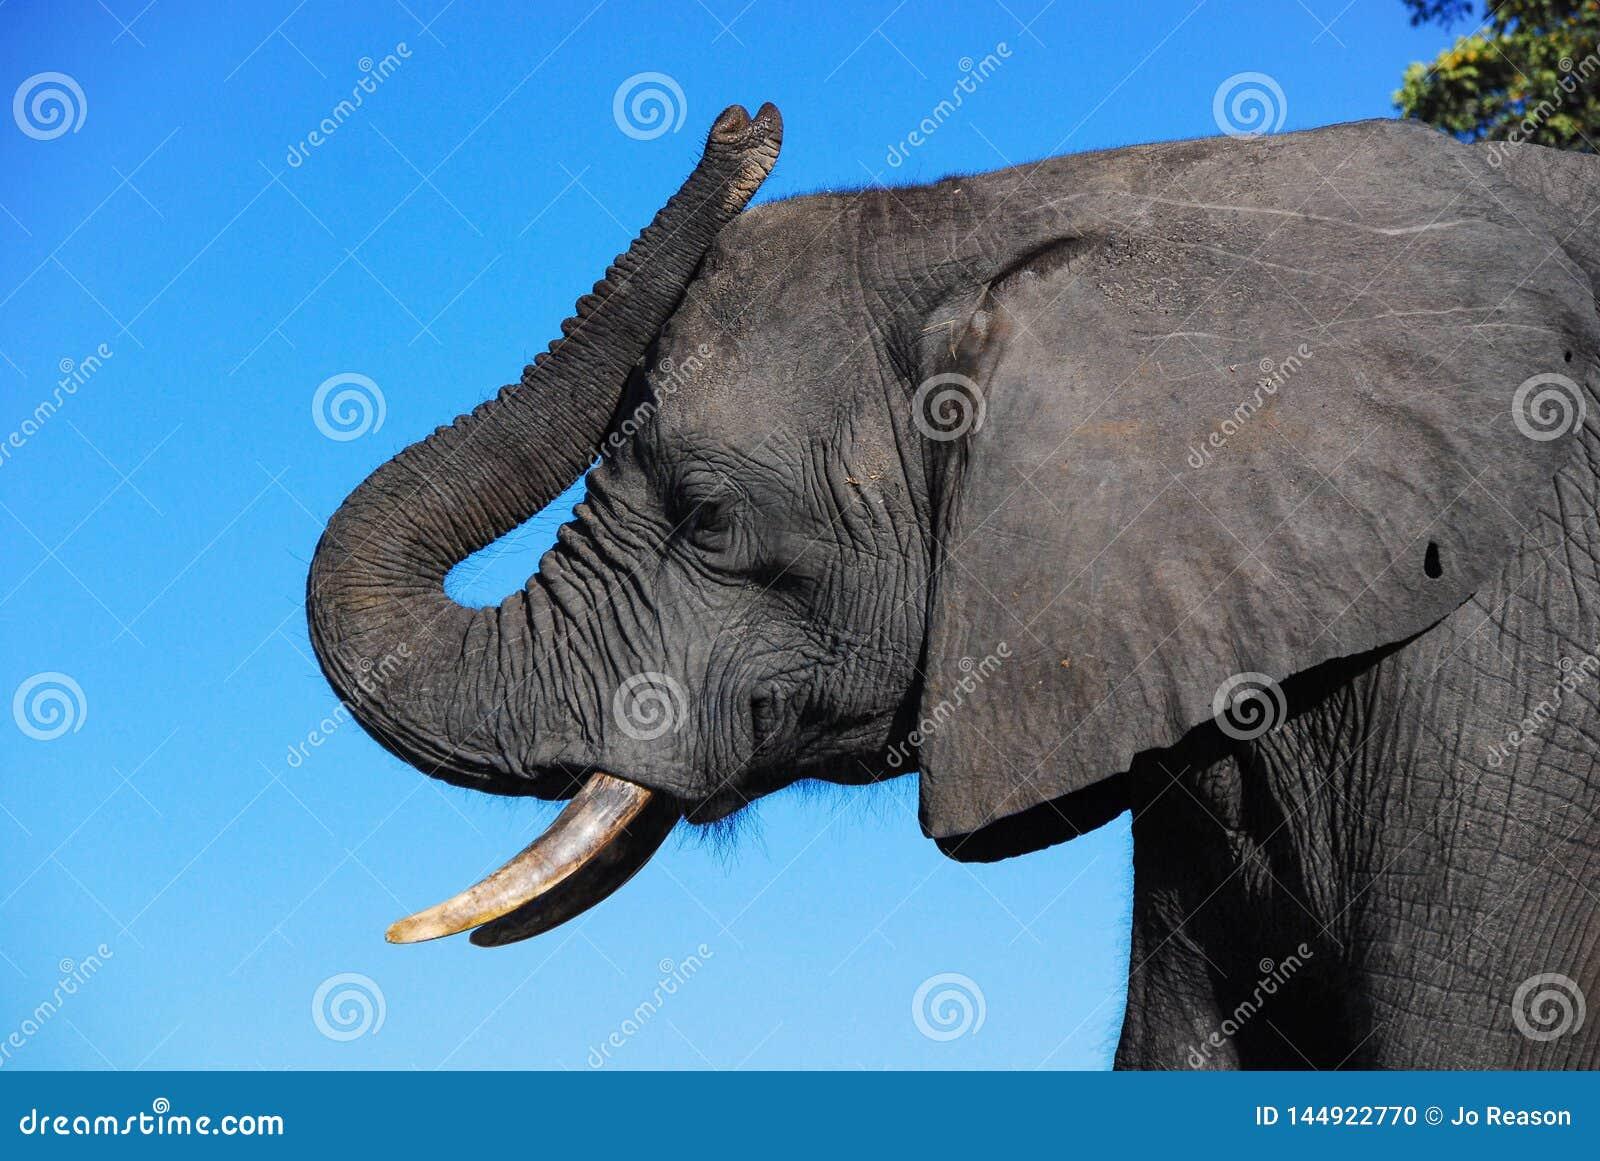 Ένα σχεδιάγραμμα ενός κεφαλιού ελεφάντων